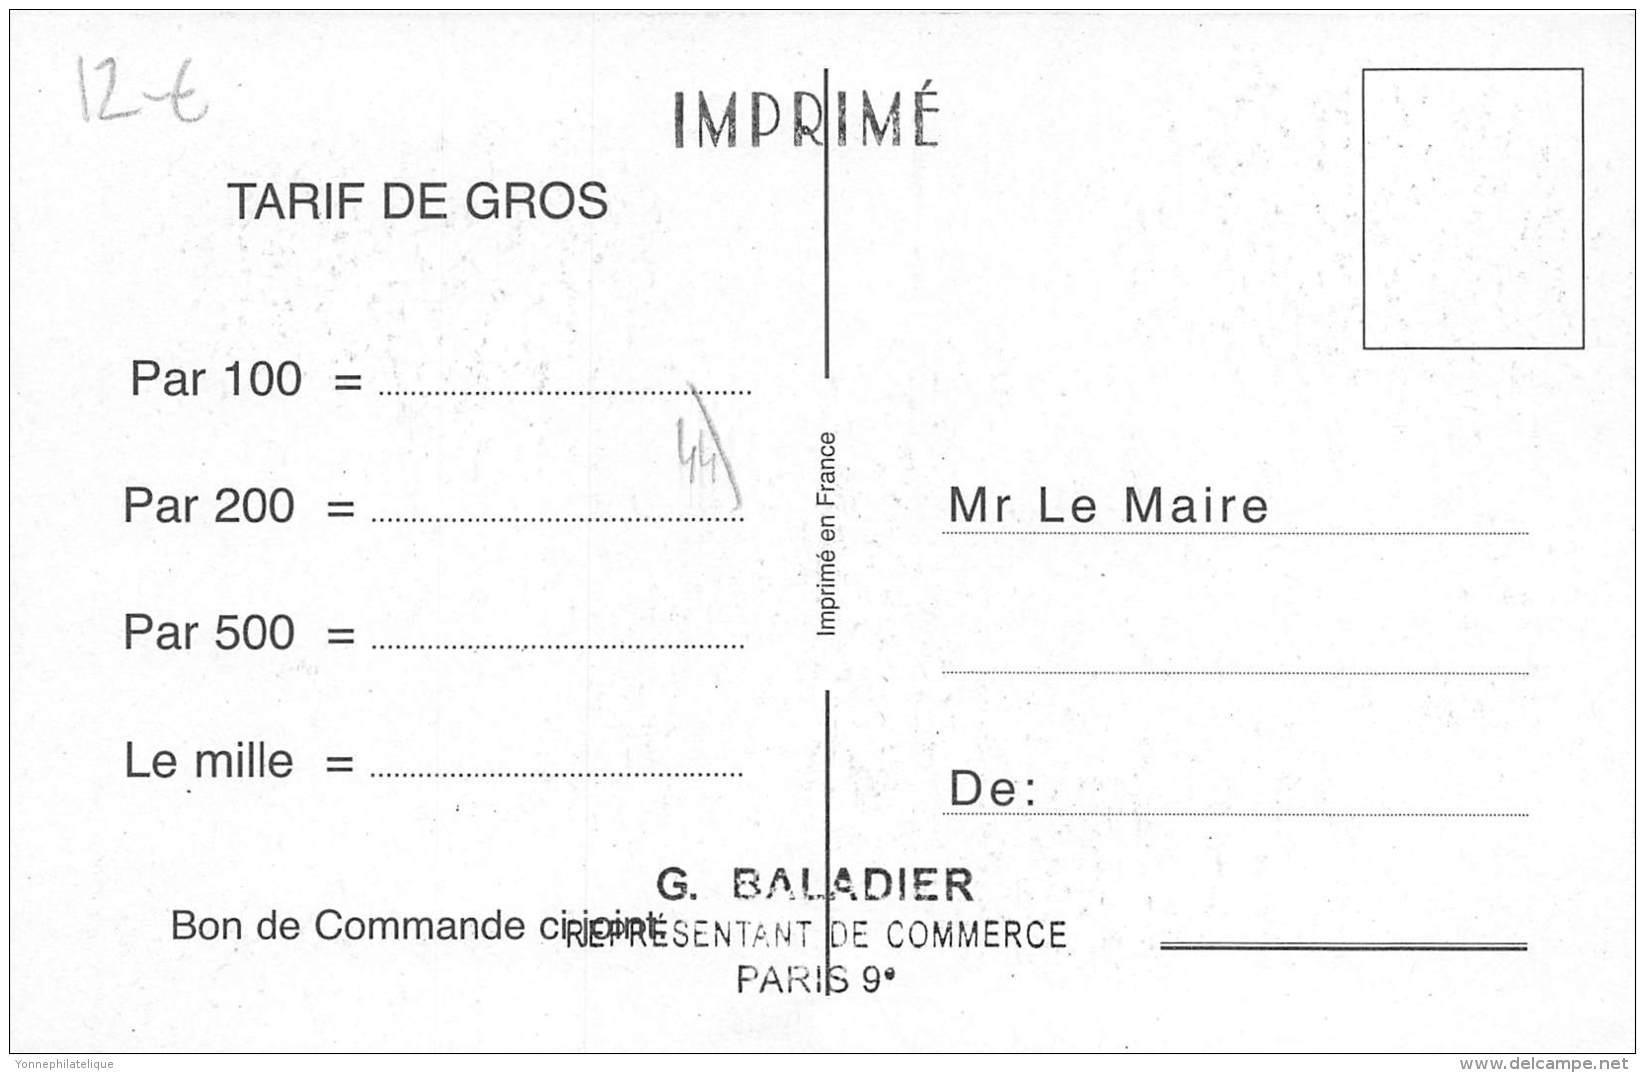 44 - LOIRE ATLANTIQUE / Fantaisie Moderne - CPM - Format 9 X 14 Cm - HAUTE GOULAINE - Altri Comuni